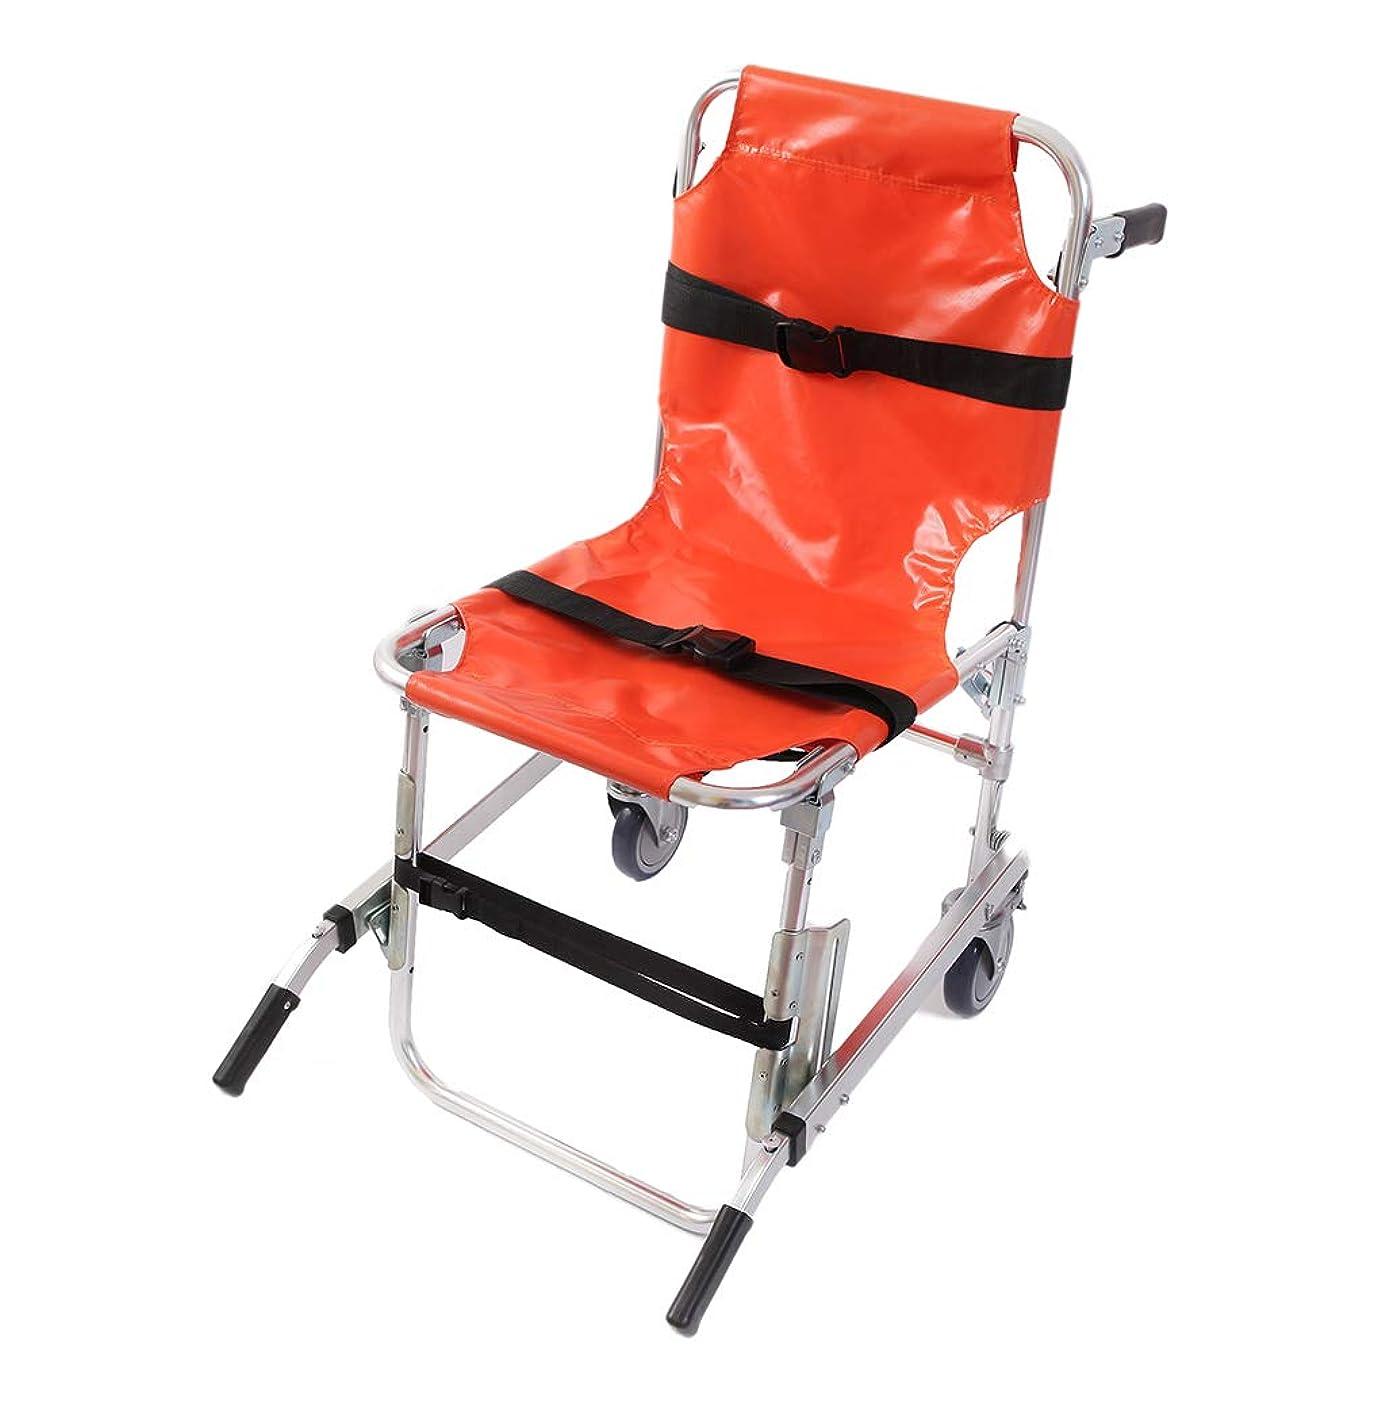 コンセンサス暫定候補者EMS階段椅子アルミ軽量2輪医療輸送チェア患者拘束ストラップ付き350ポンドの容量